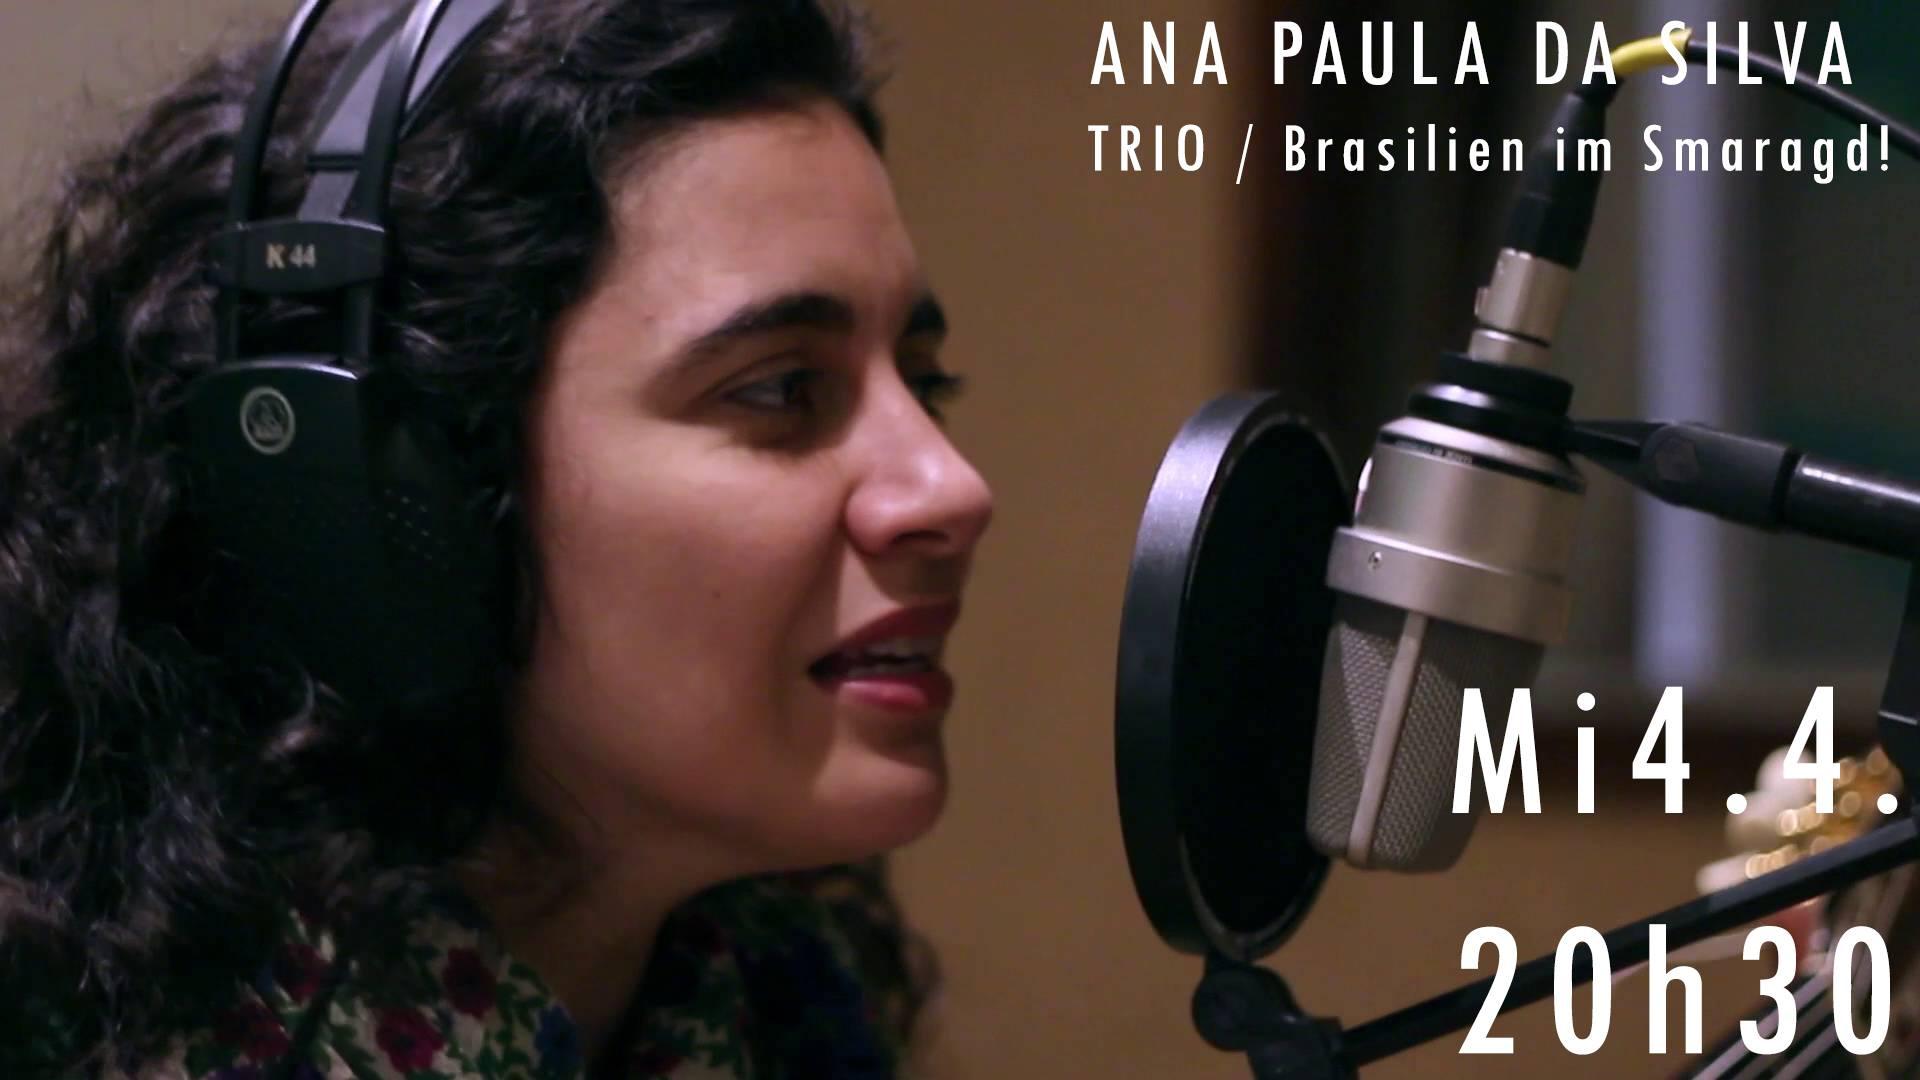 Cultur Cafe Smaragd Linz-Event-Ana Paula Da Silva